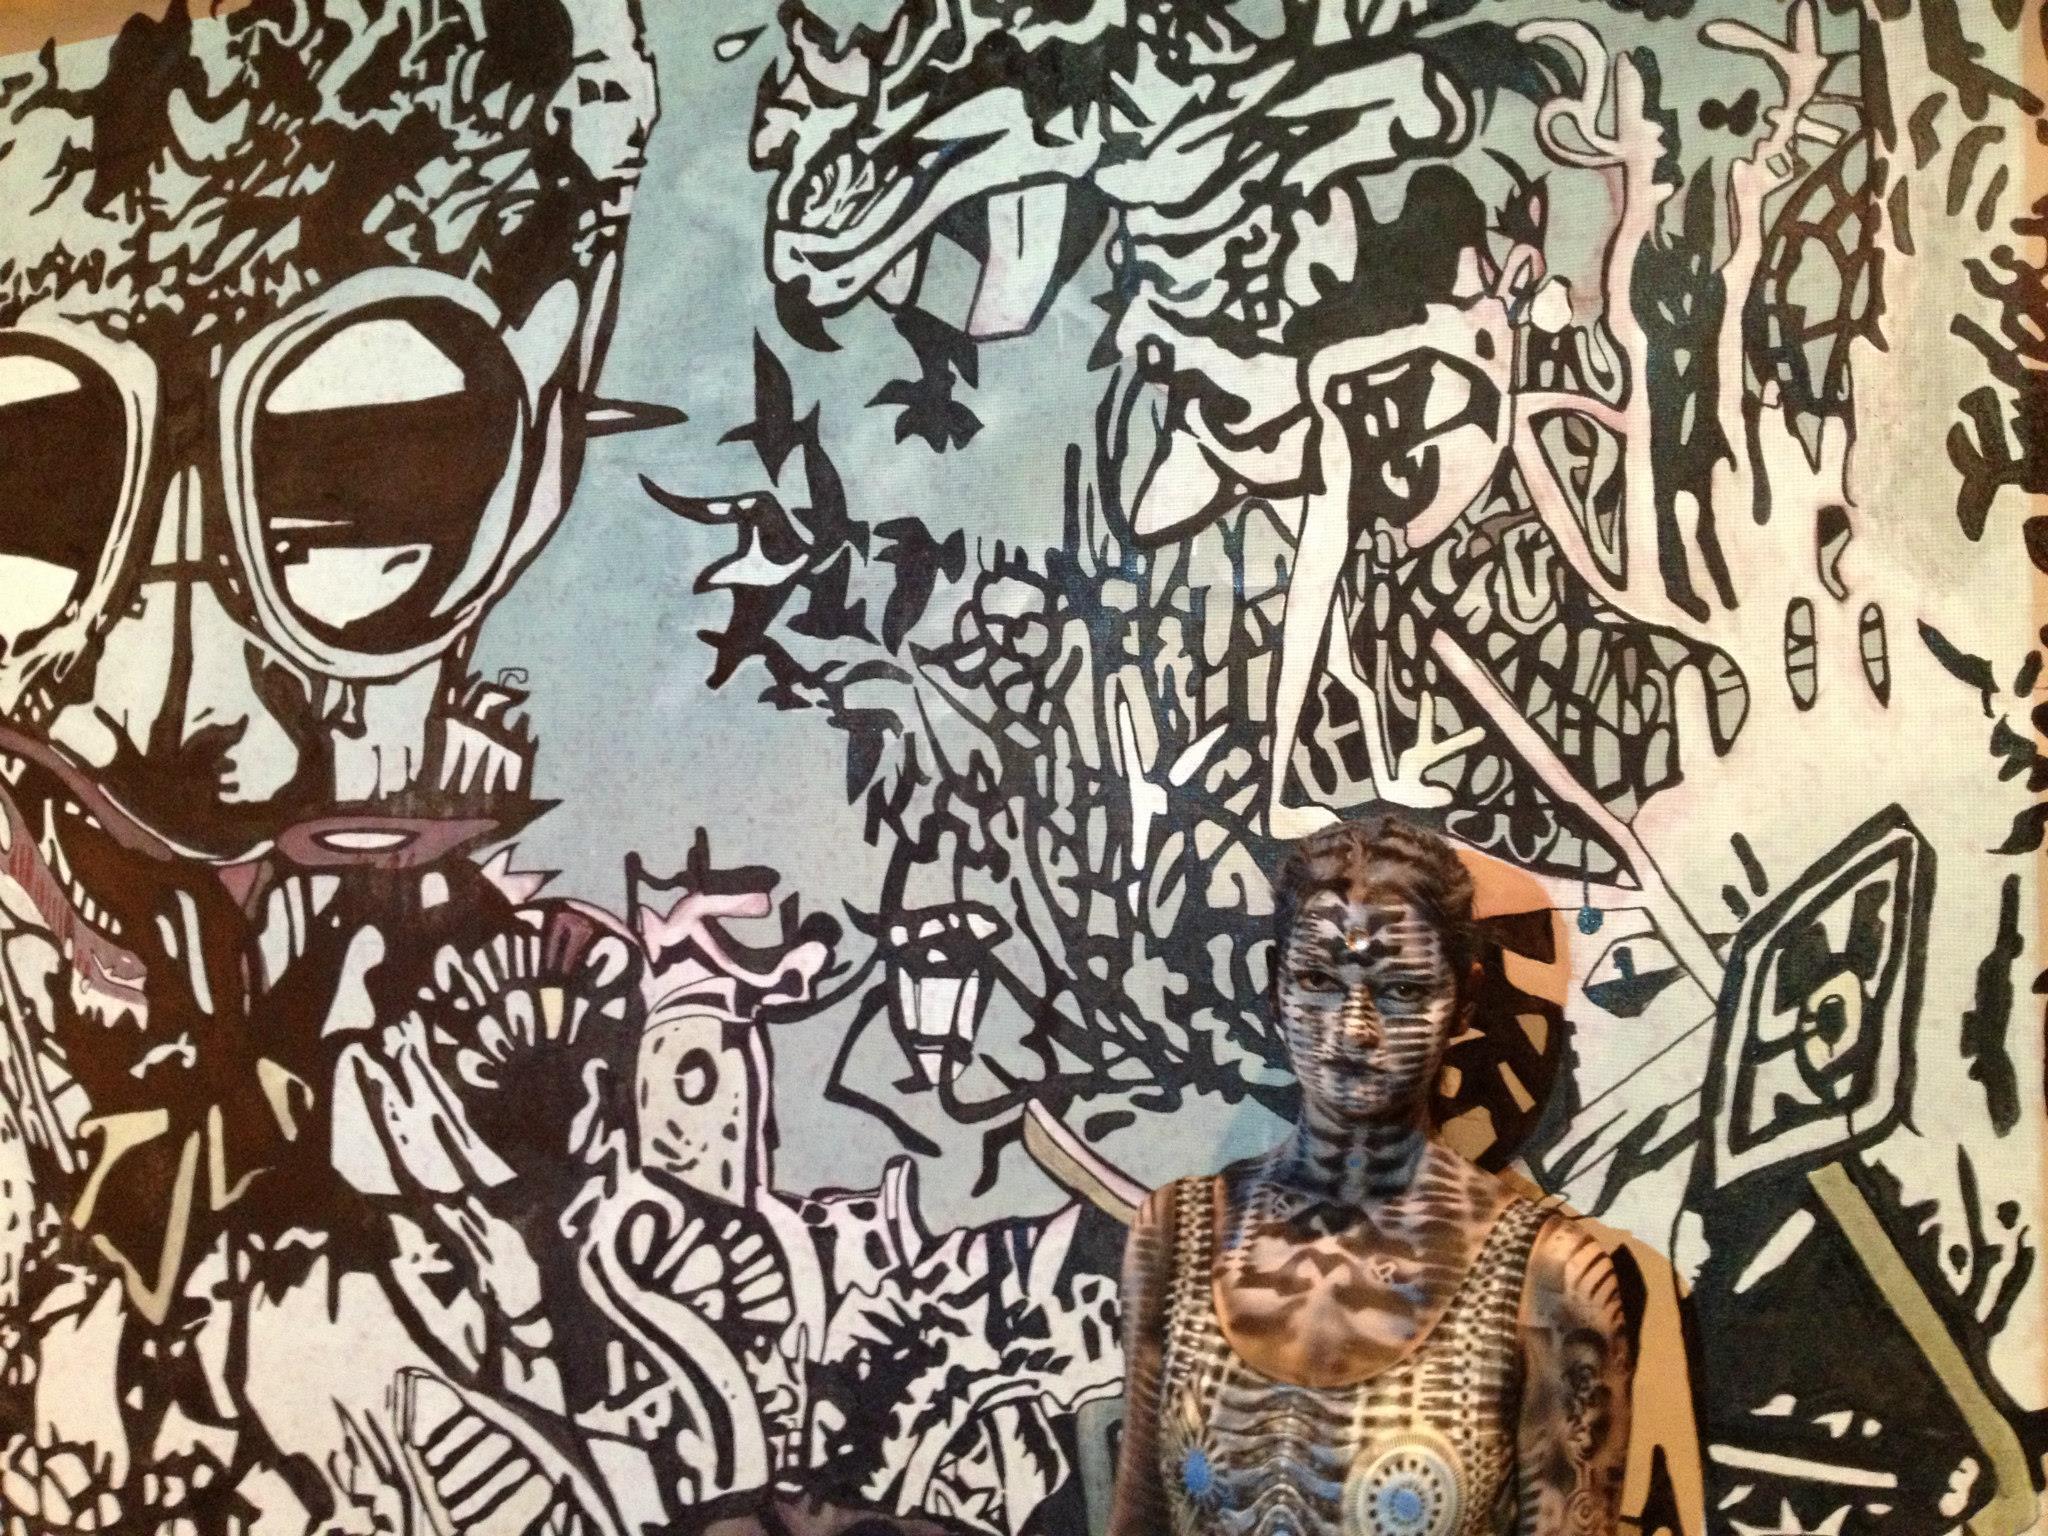 Dream Boat / Ausstellung von Mustra & Lieber Michael / 30. November 2012